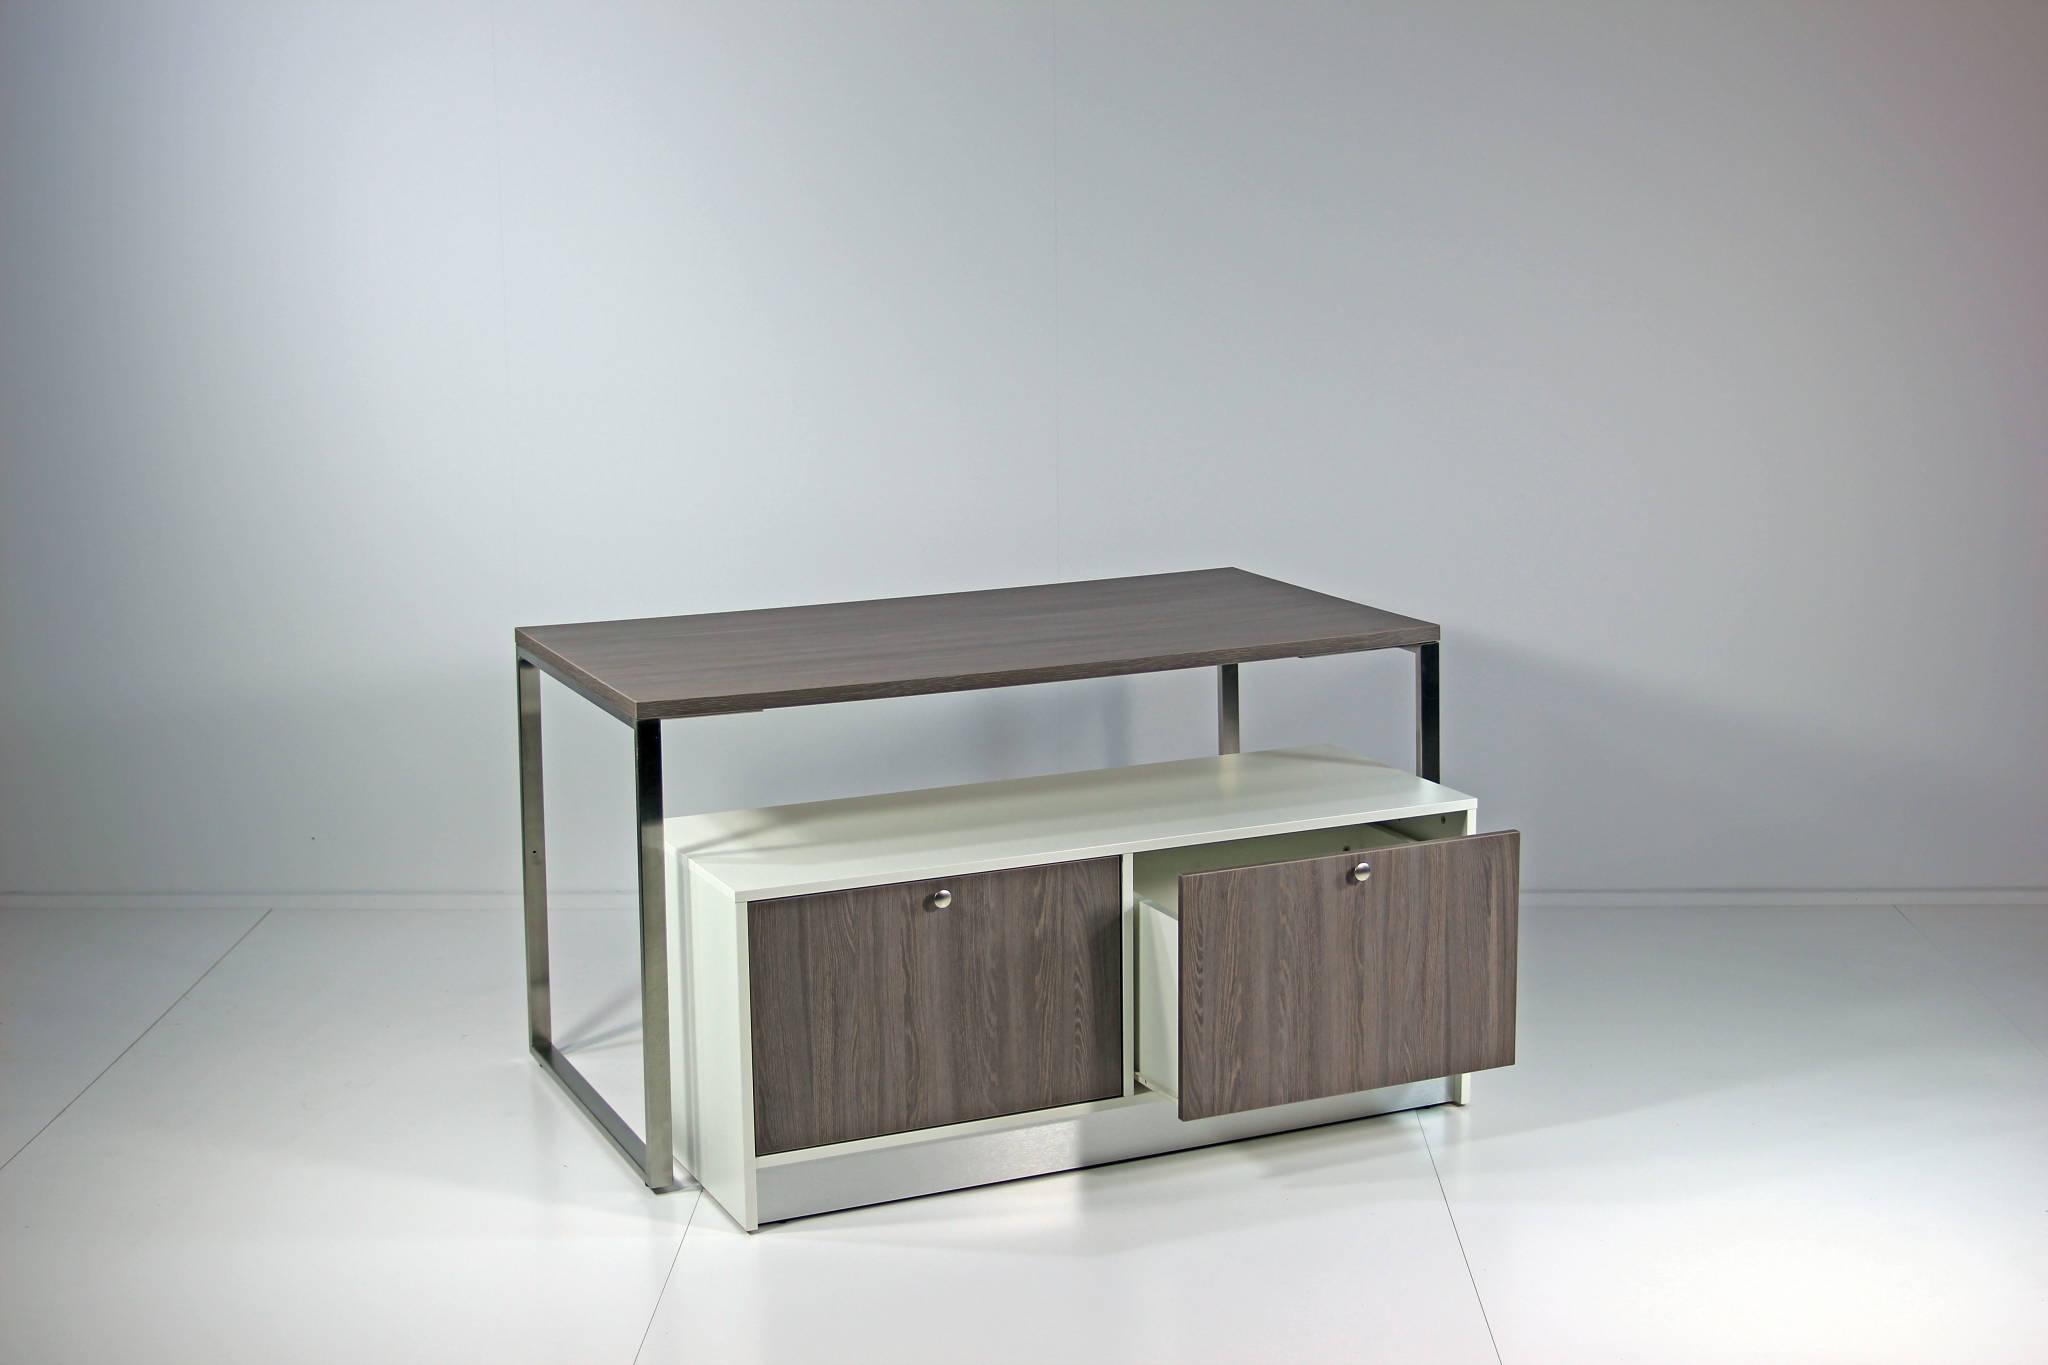 Salgsborde / oplægsborde - kombinere det store bord med lager / depot møblet.